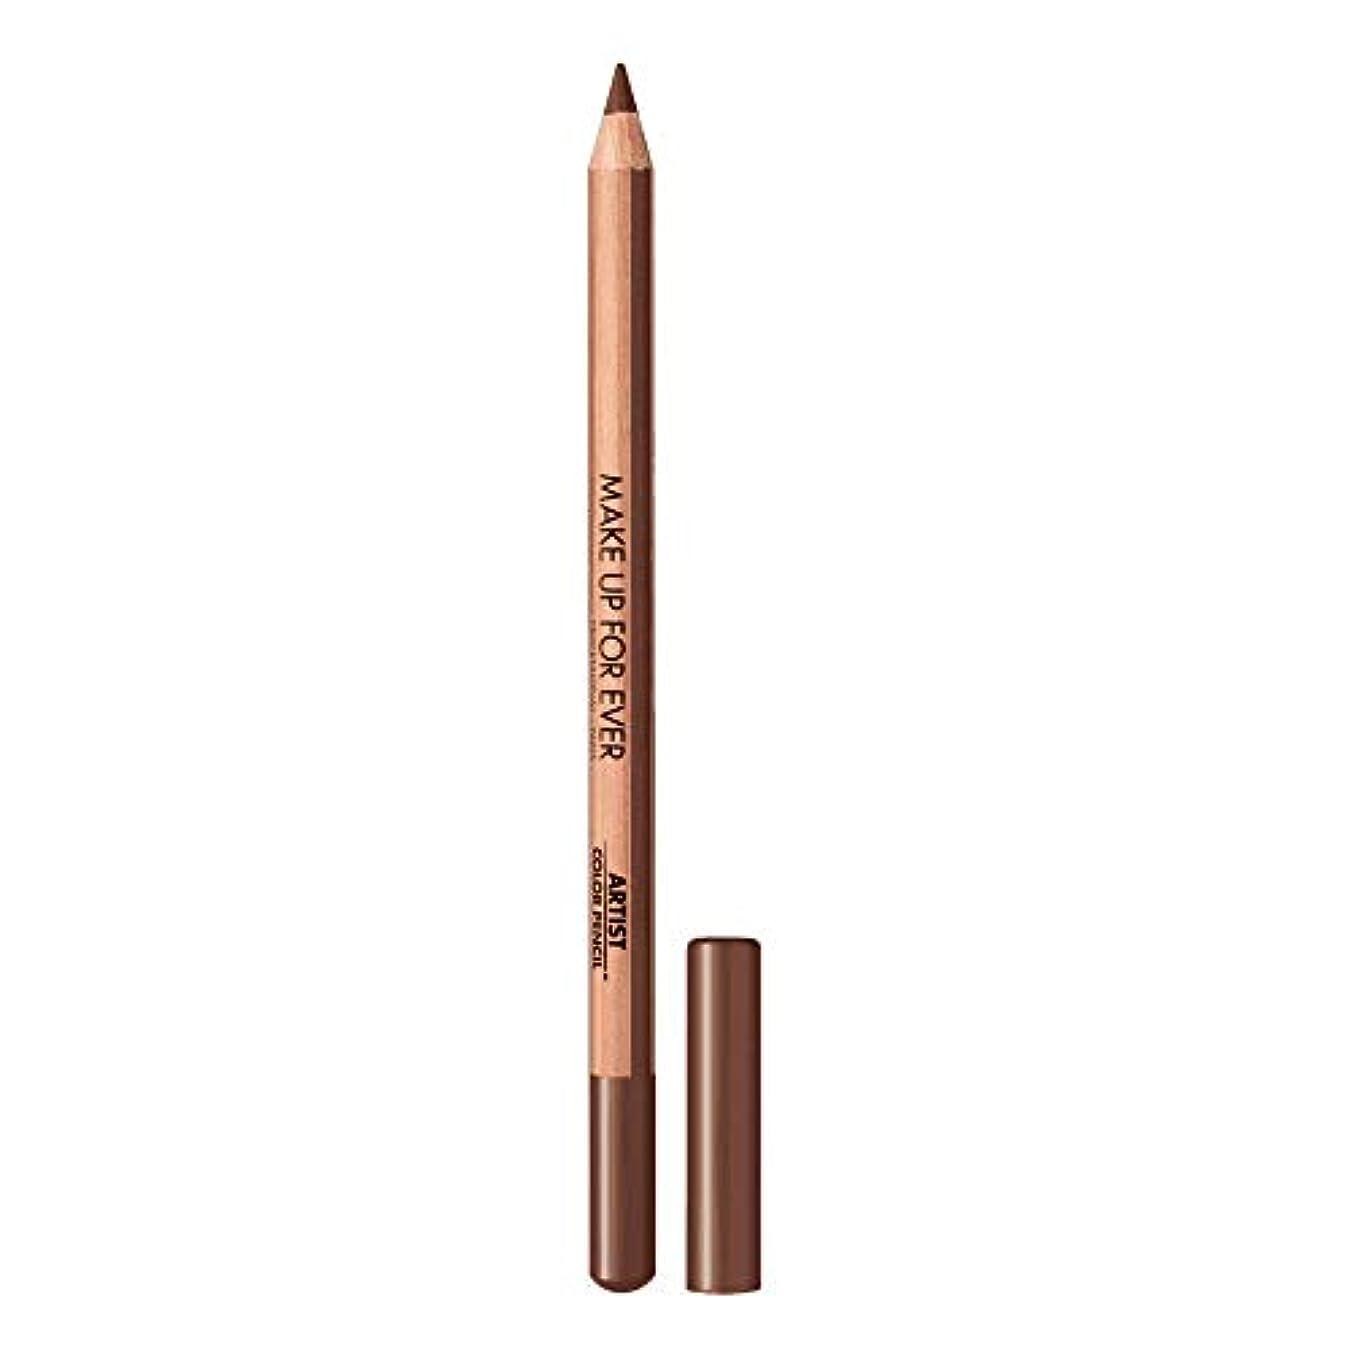 犠牲ただやるバンメイクアップフォーエバー Artist Color Pencil - # 608 Limitless Brown 1.41g/0.04oz並行輸入品